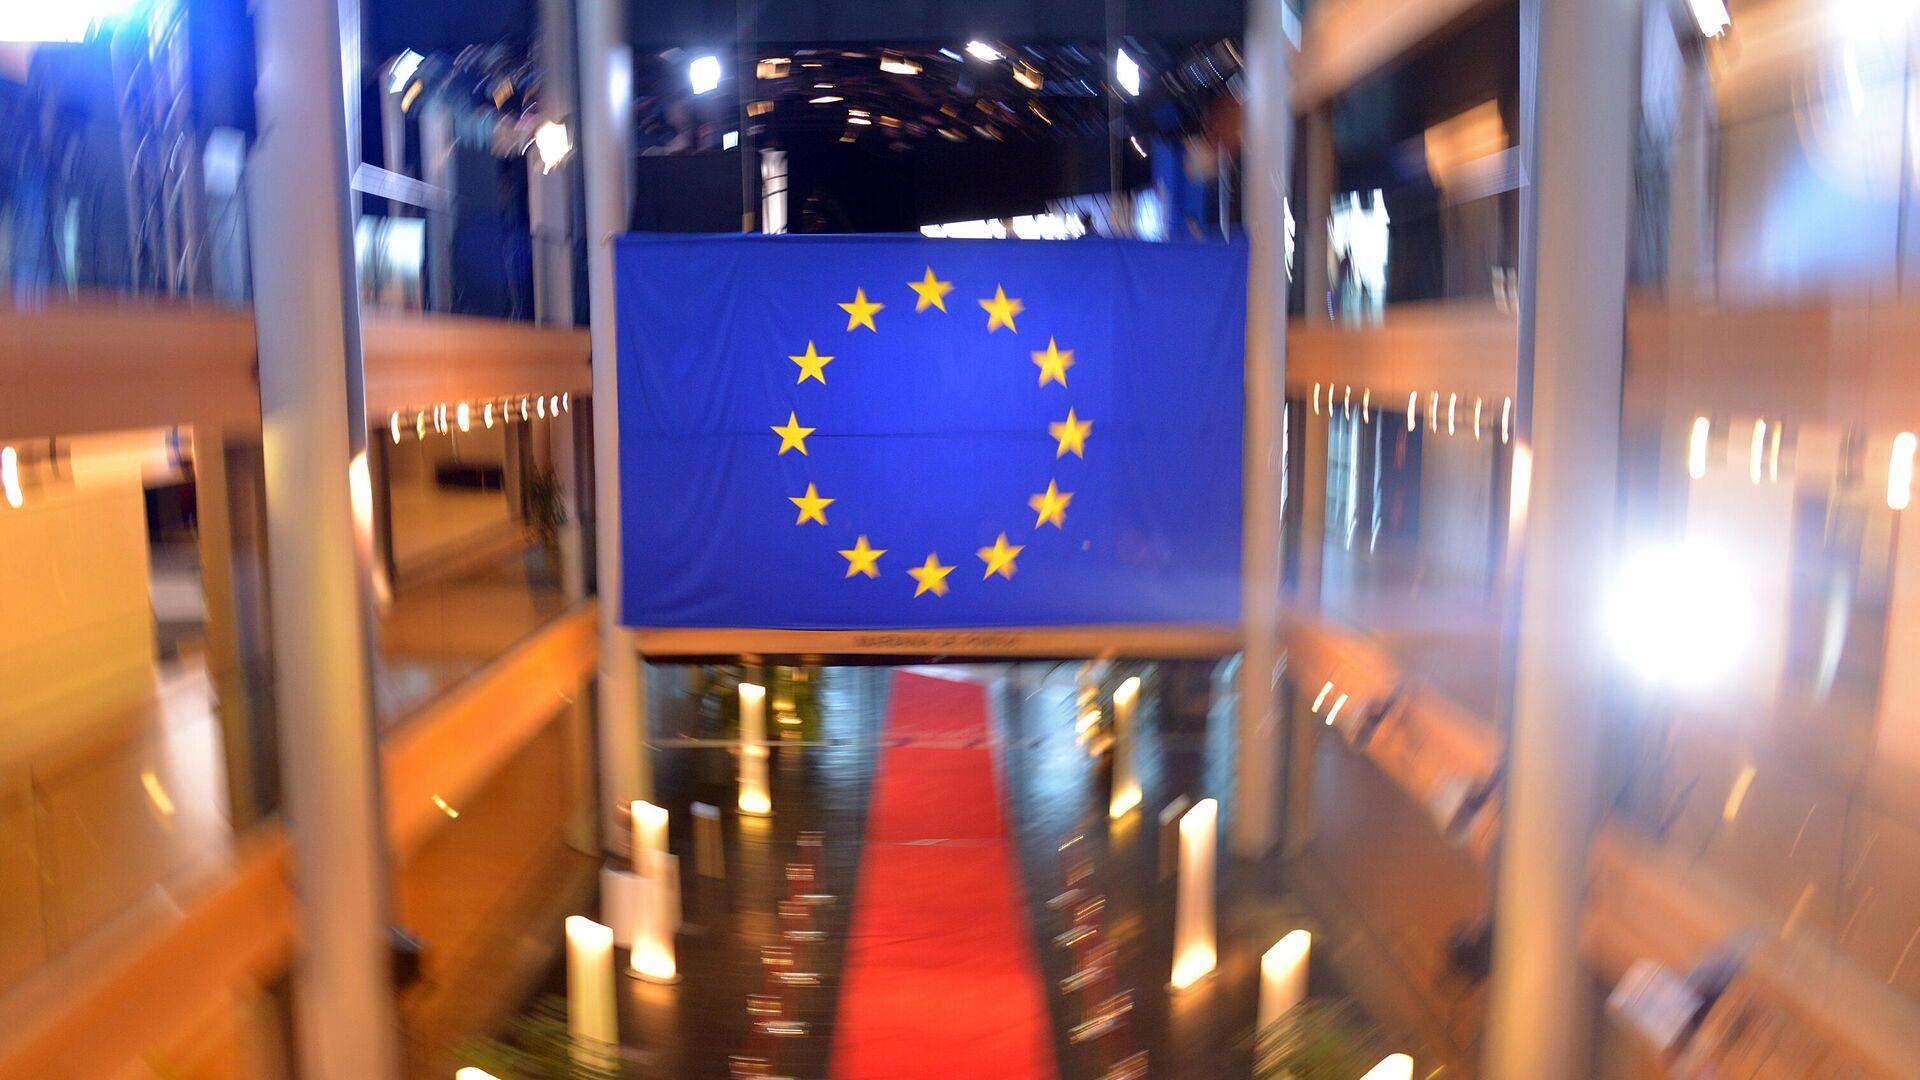 Флаг Евросоюза в главном здании Европейского парламента в Страсбурге - РИА Новости, 1920, 08.02.2021